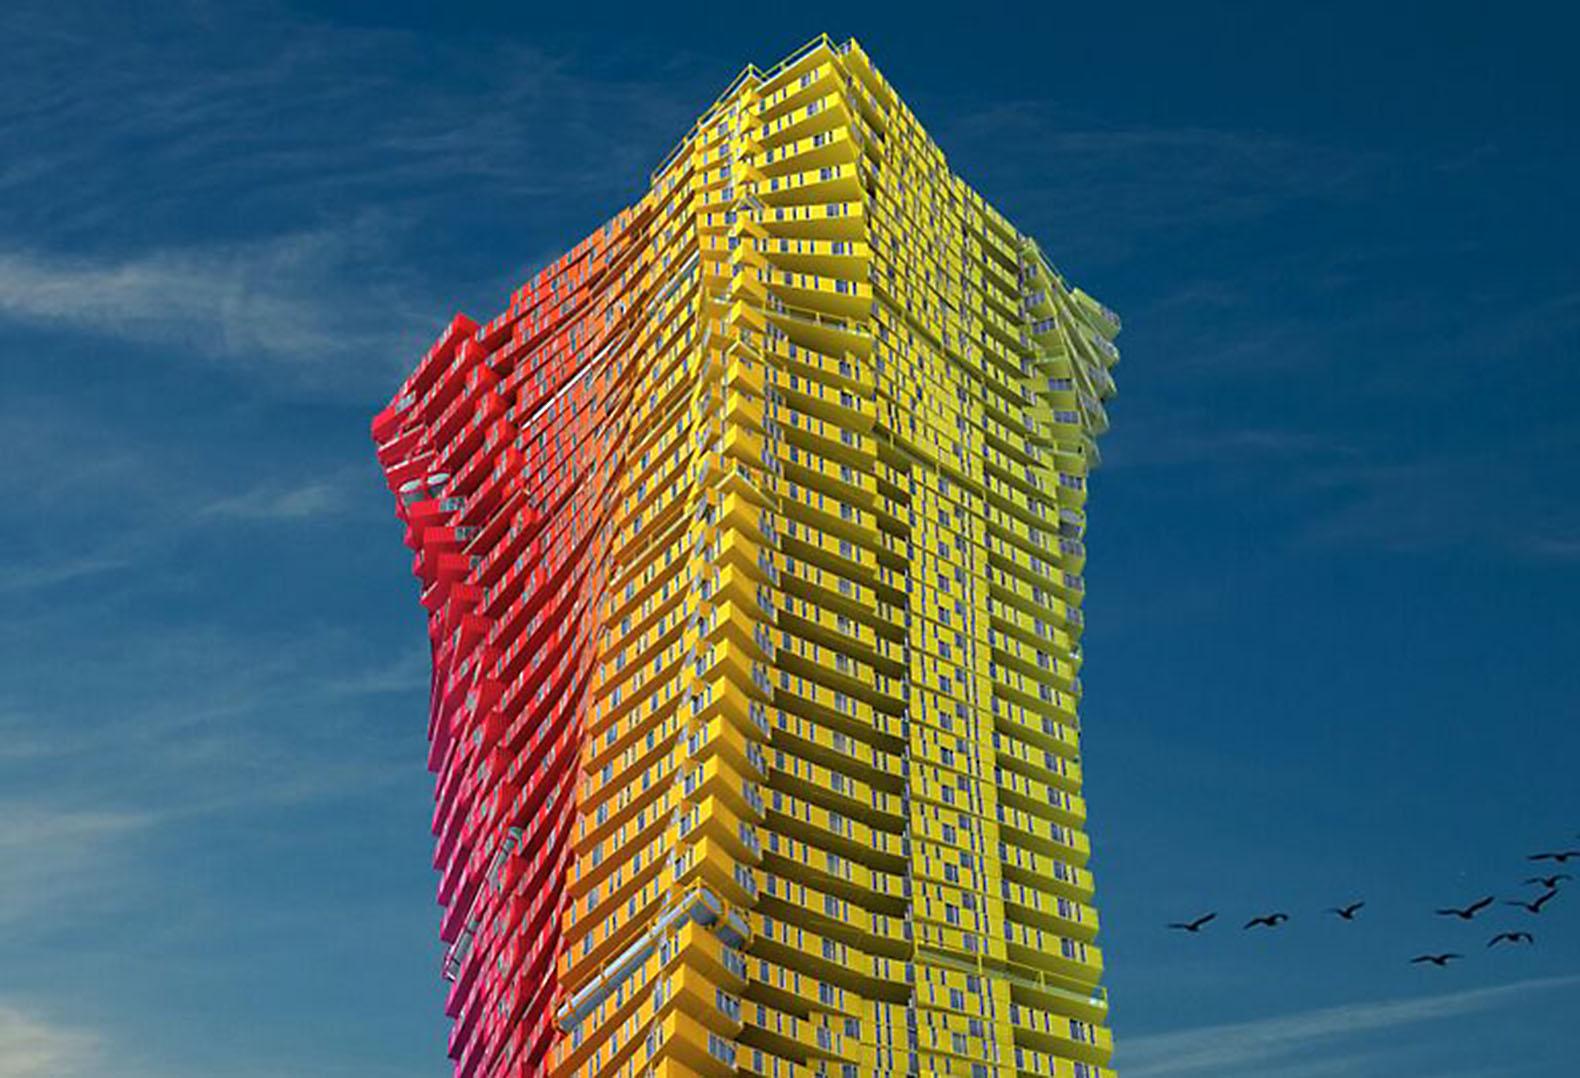 用集装箱堆叠而成的摩天大楼